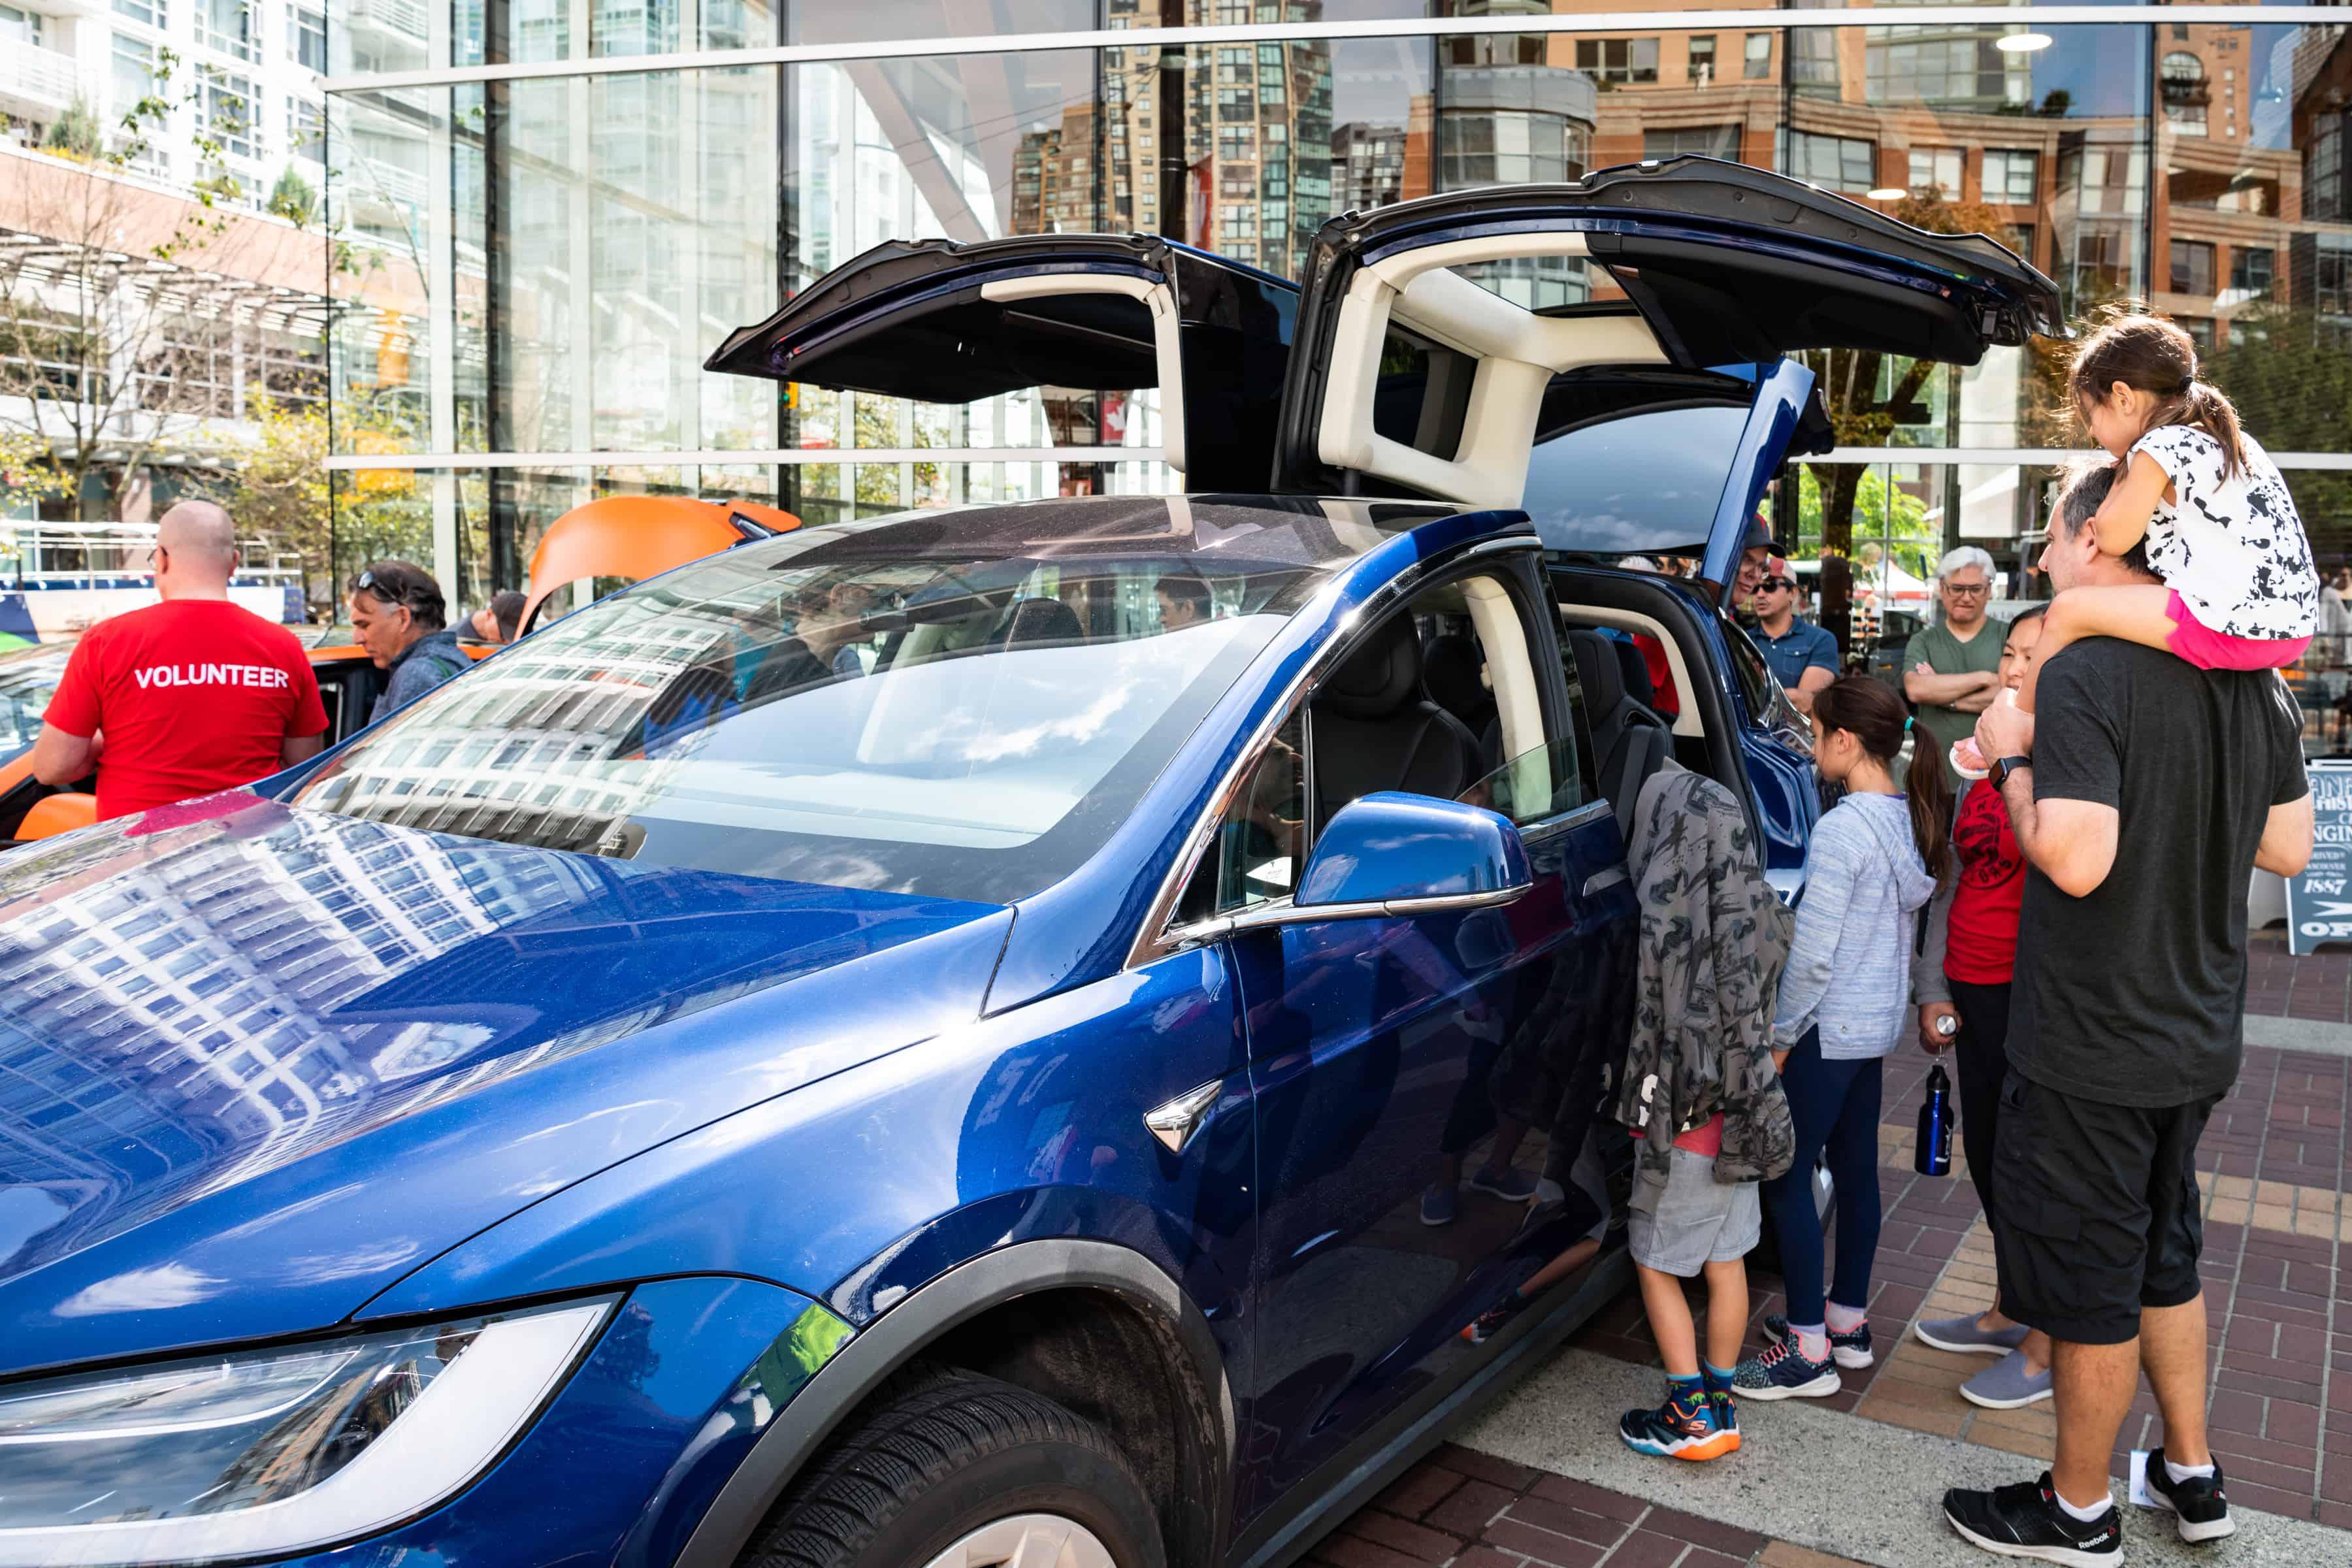 EcoLux☆Lifestyle: Electrafest 2019 Brings on Zero Emission Vehicles